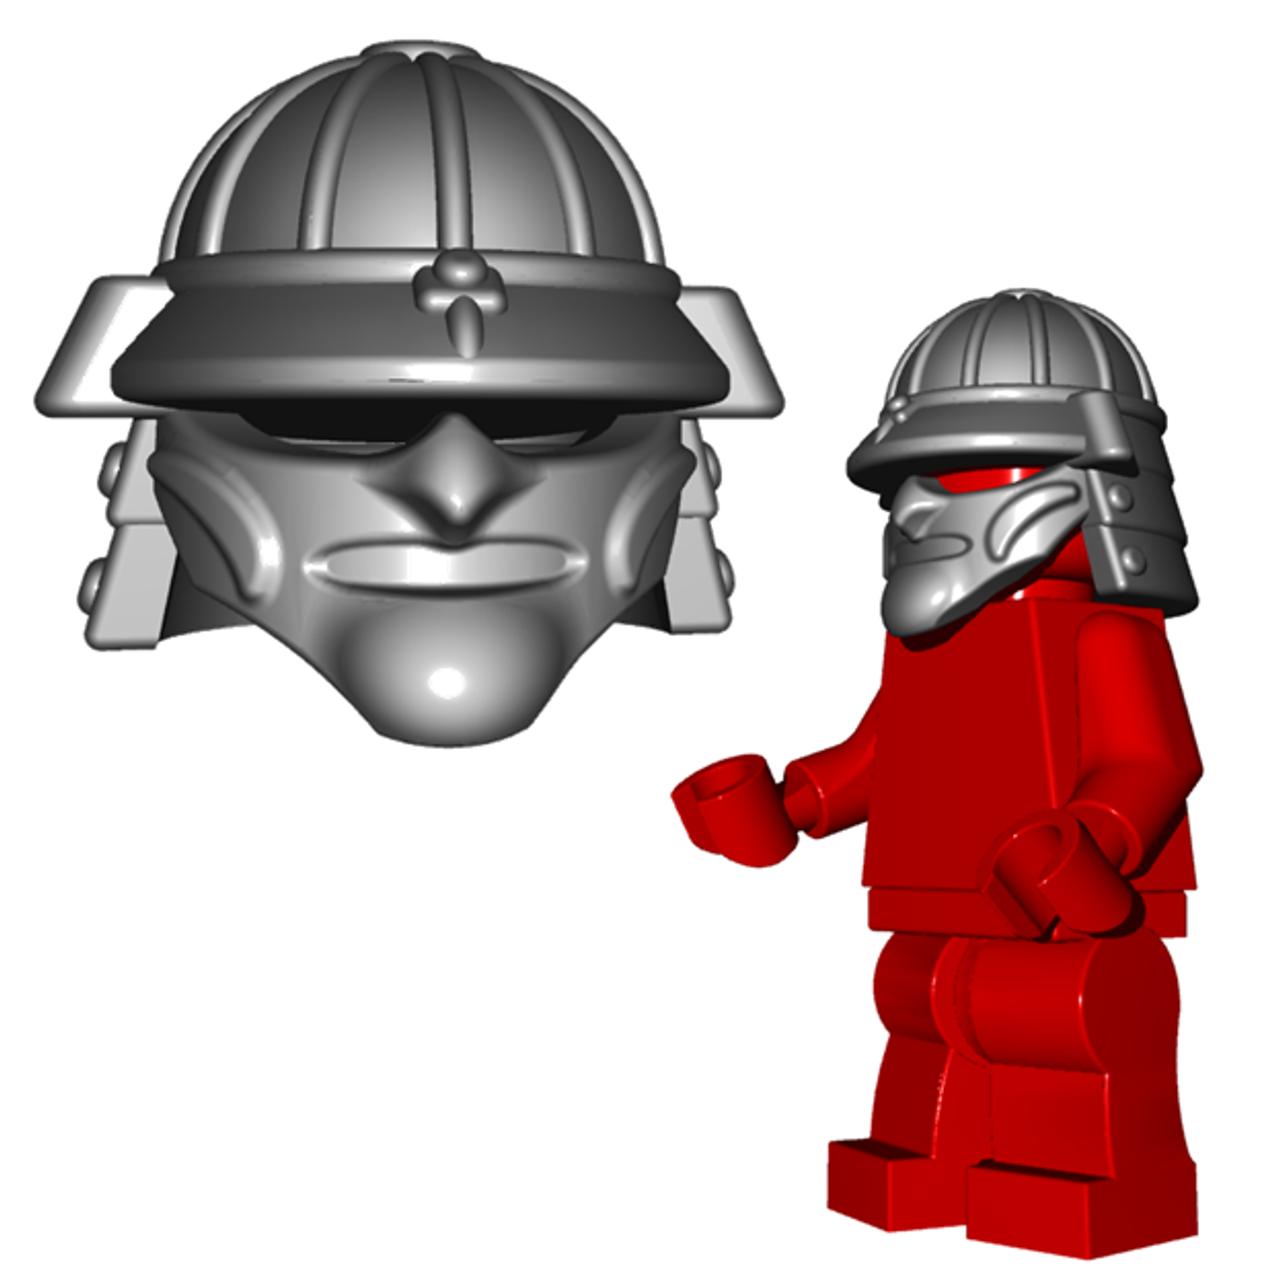 Minifigure Helmet Samurai Helmet